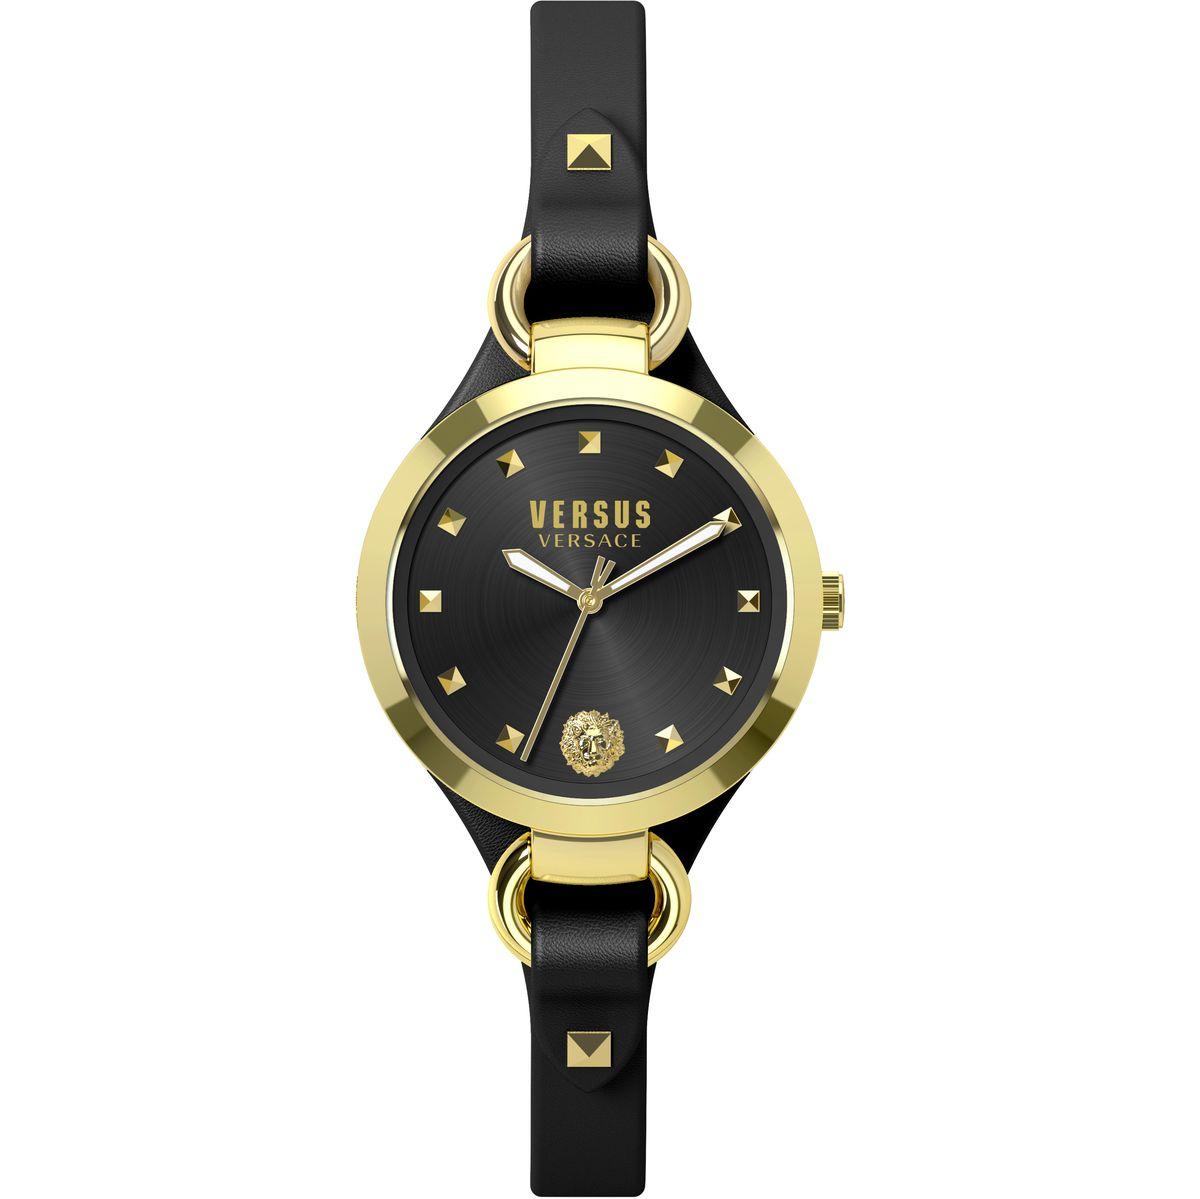 Наручные часы женские Versus Versace, цвет: золотой. SOM05 0015